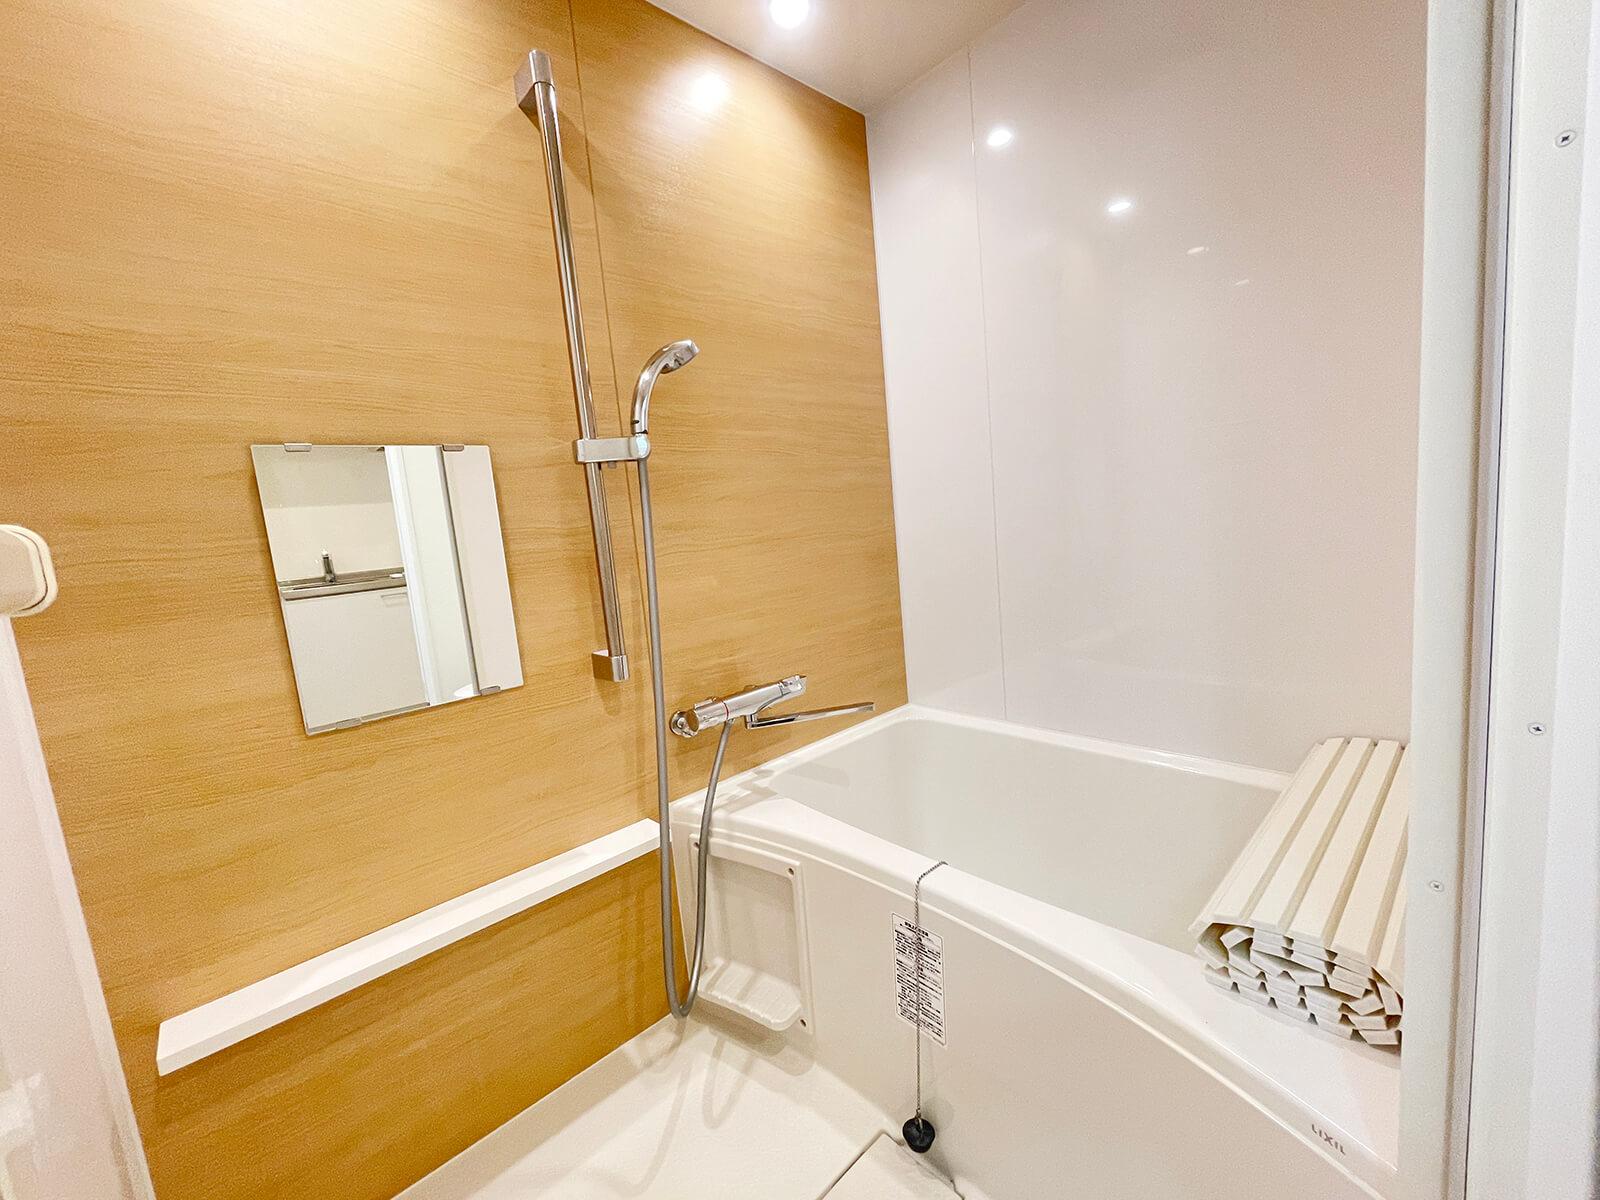 こちらは303号室のお風呂ですにゃ。406号室もお風呂は同タイプです。